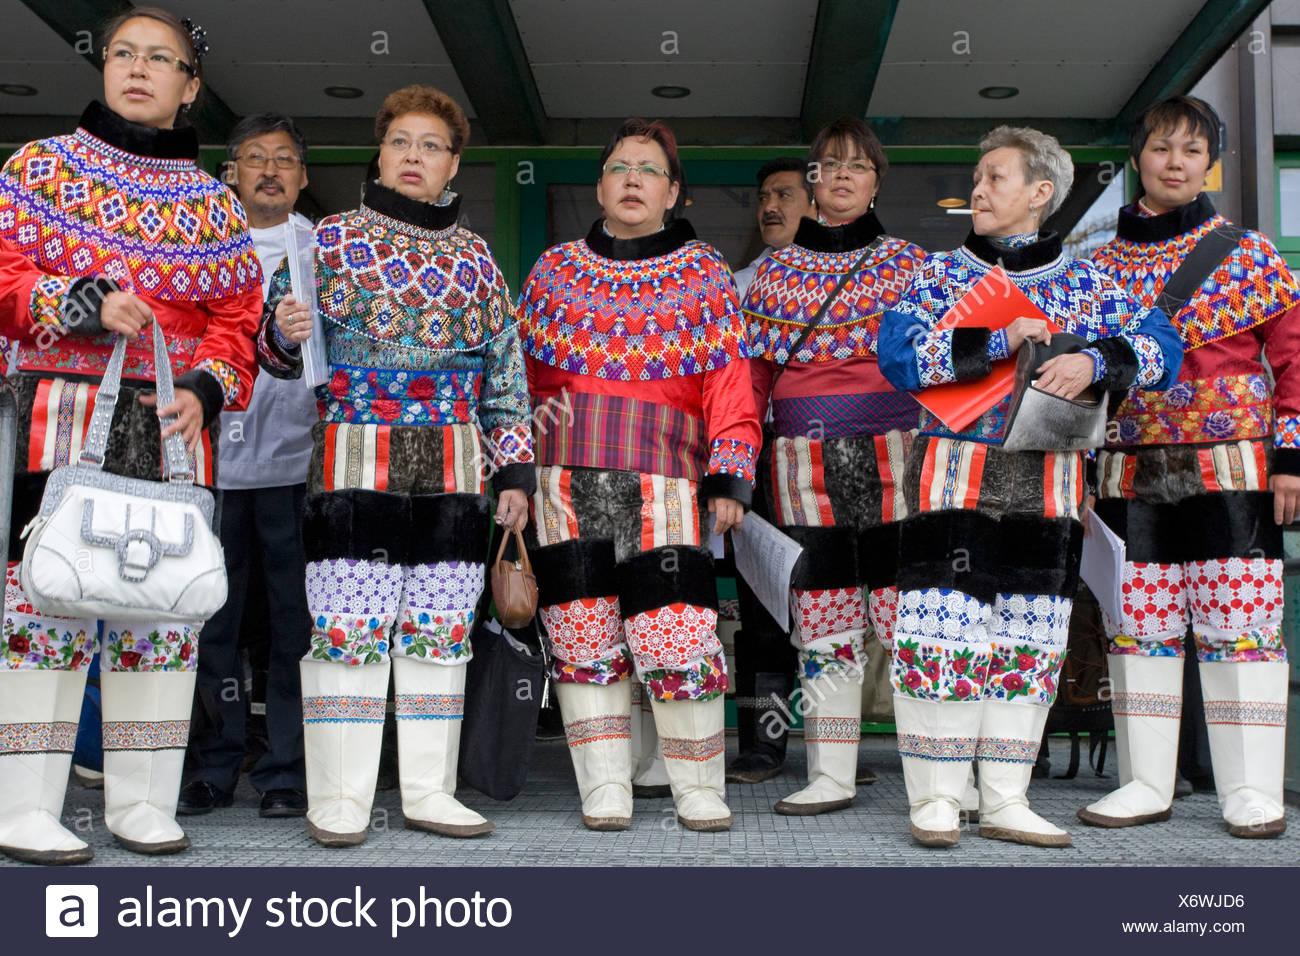 La gente in costume tradizionale nella Giornata Nazionale in Groenlandia in Nuuk, Groenlandia. Immagini Stock